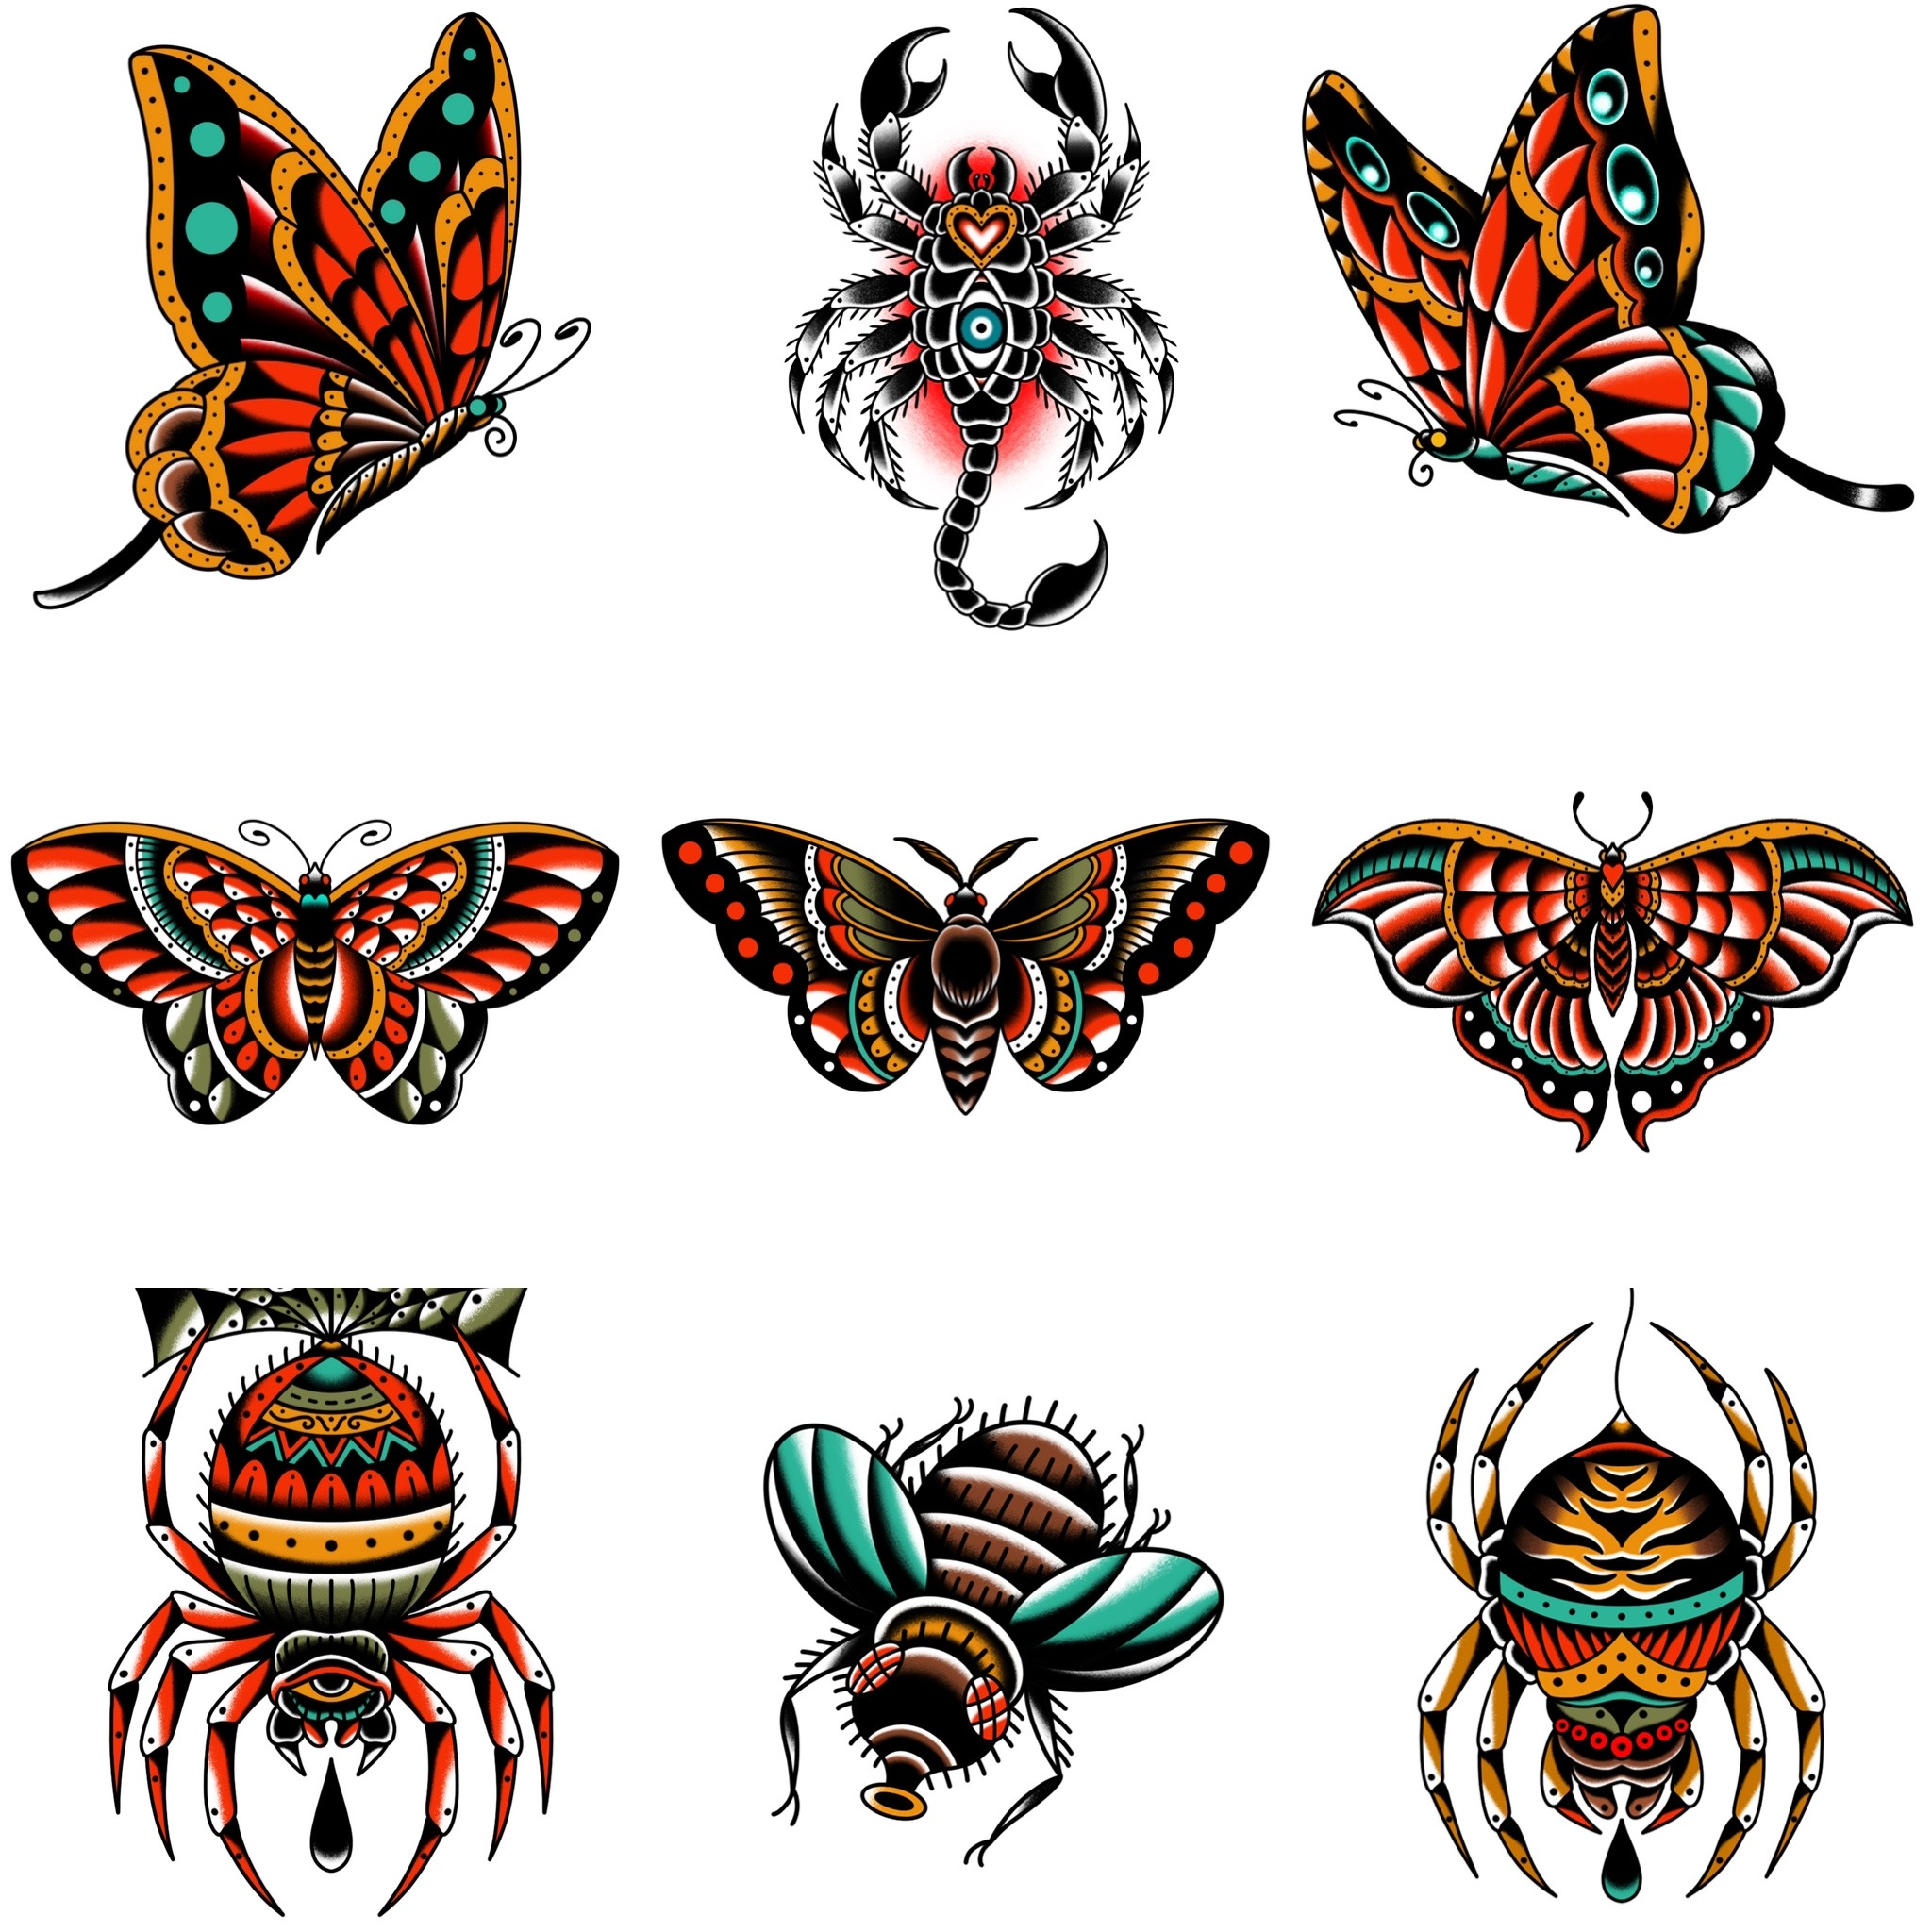 トラディショナルの昆虫デザイン タトゥーデザイン トラディショナル 《東京タトゥースタジオ》